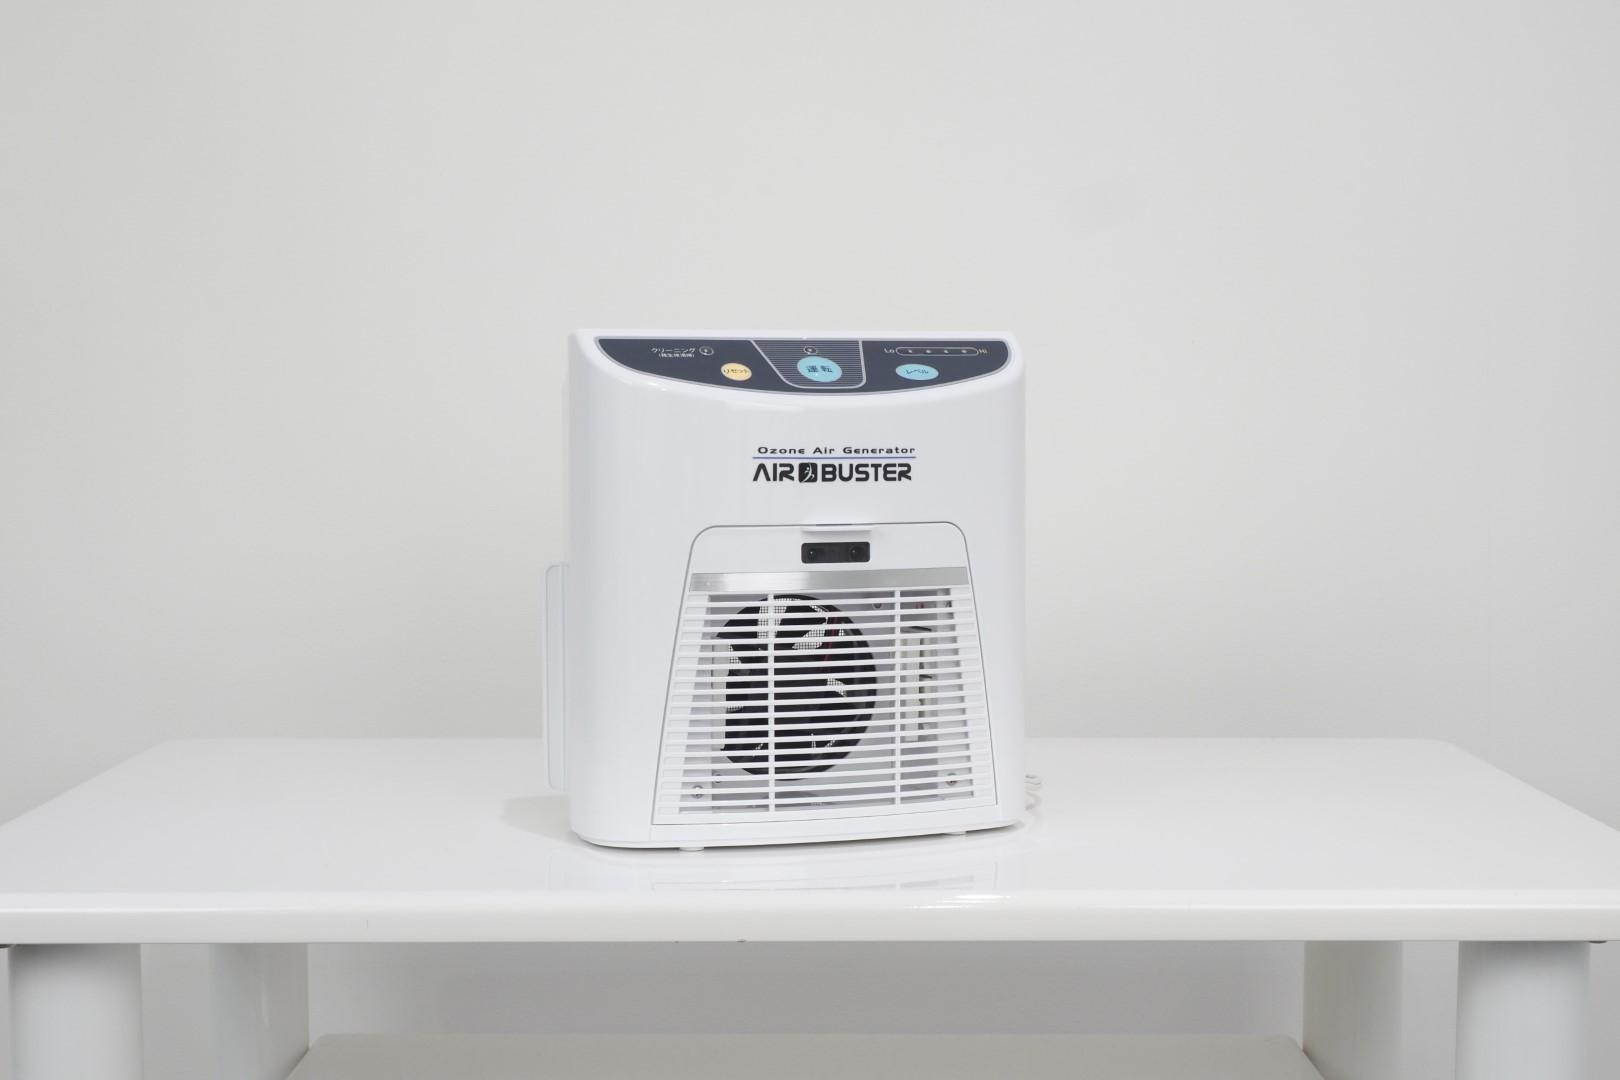 オゾン発生器AIR BUSTERで24時間空気洗浄しています  - 馬車道レンタルサロン 無限大 馬車道/関内レンタルサロン無限大の室内の写真